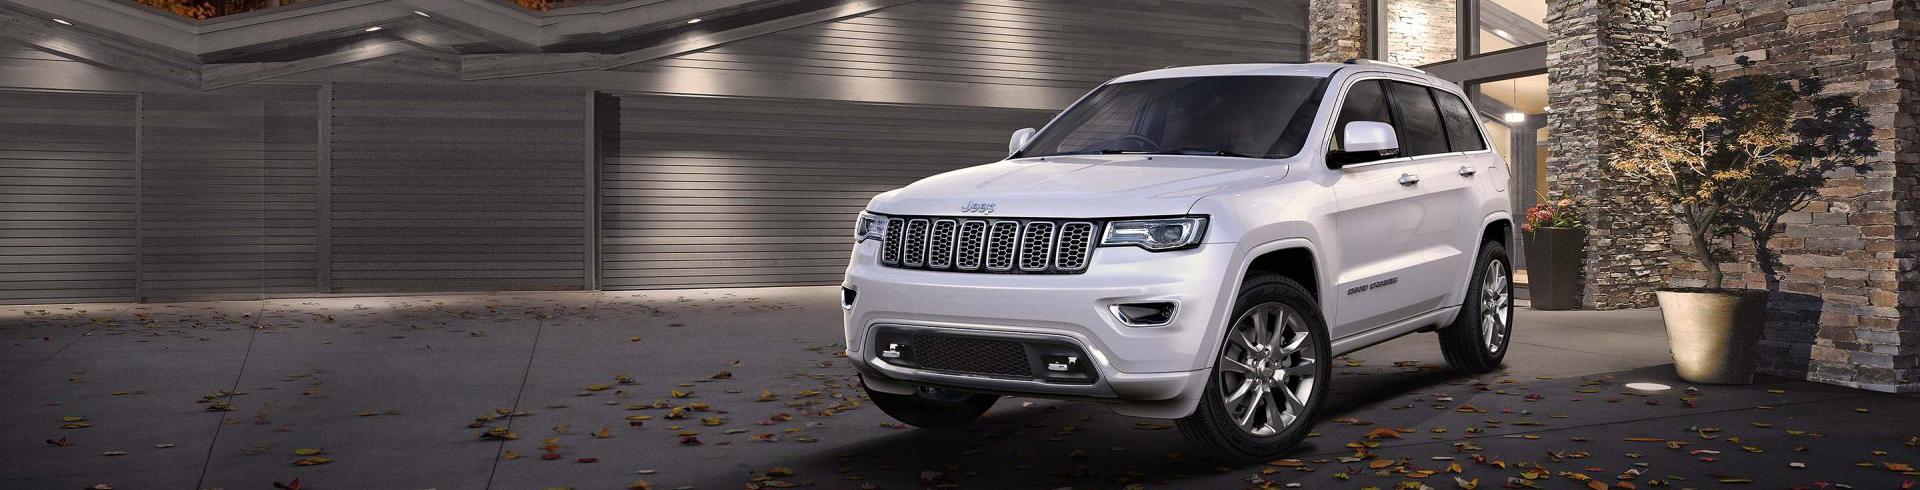 Jeep onderhoud | Auto kardol